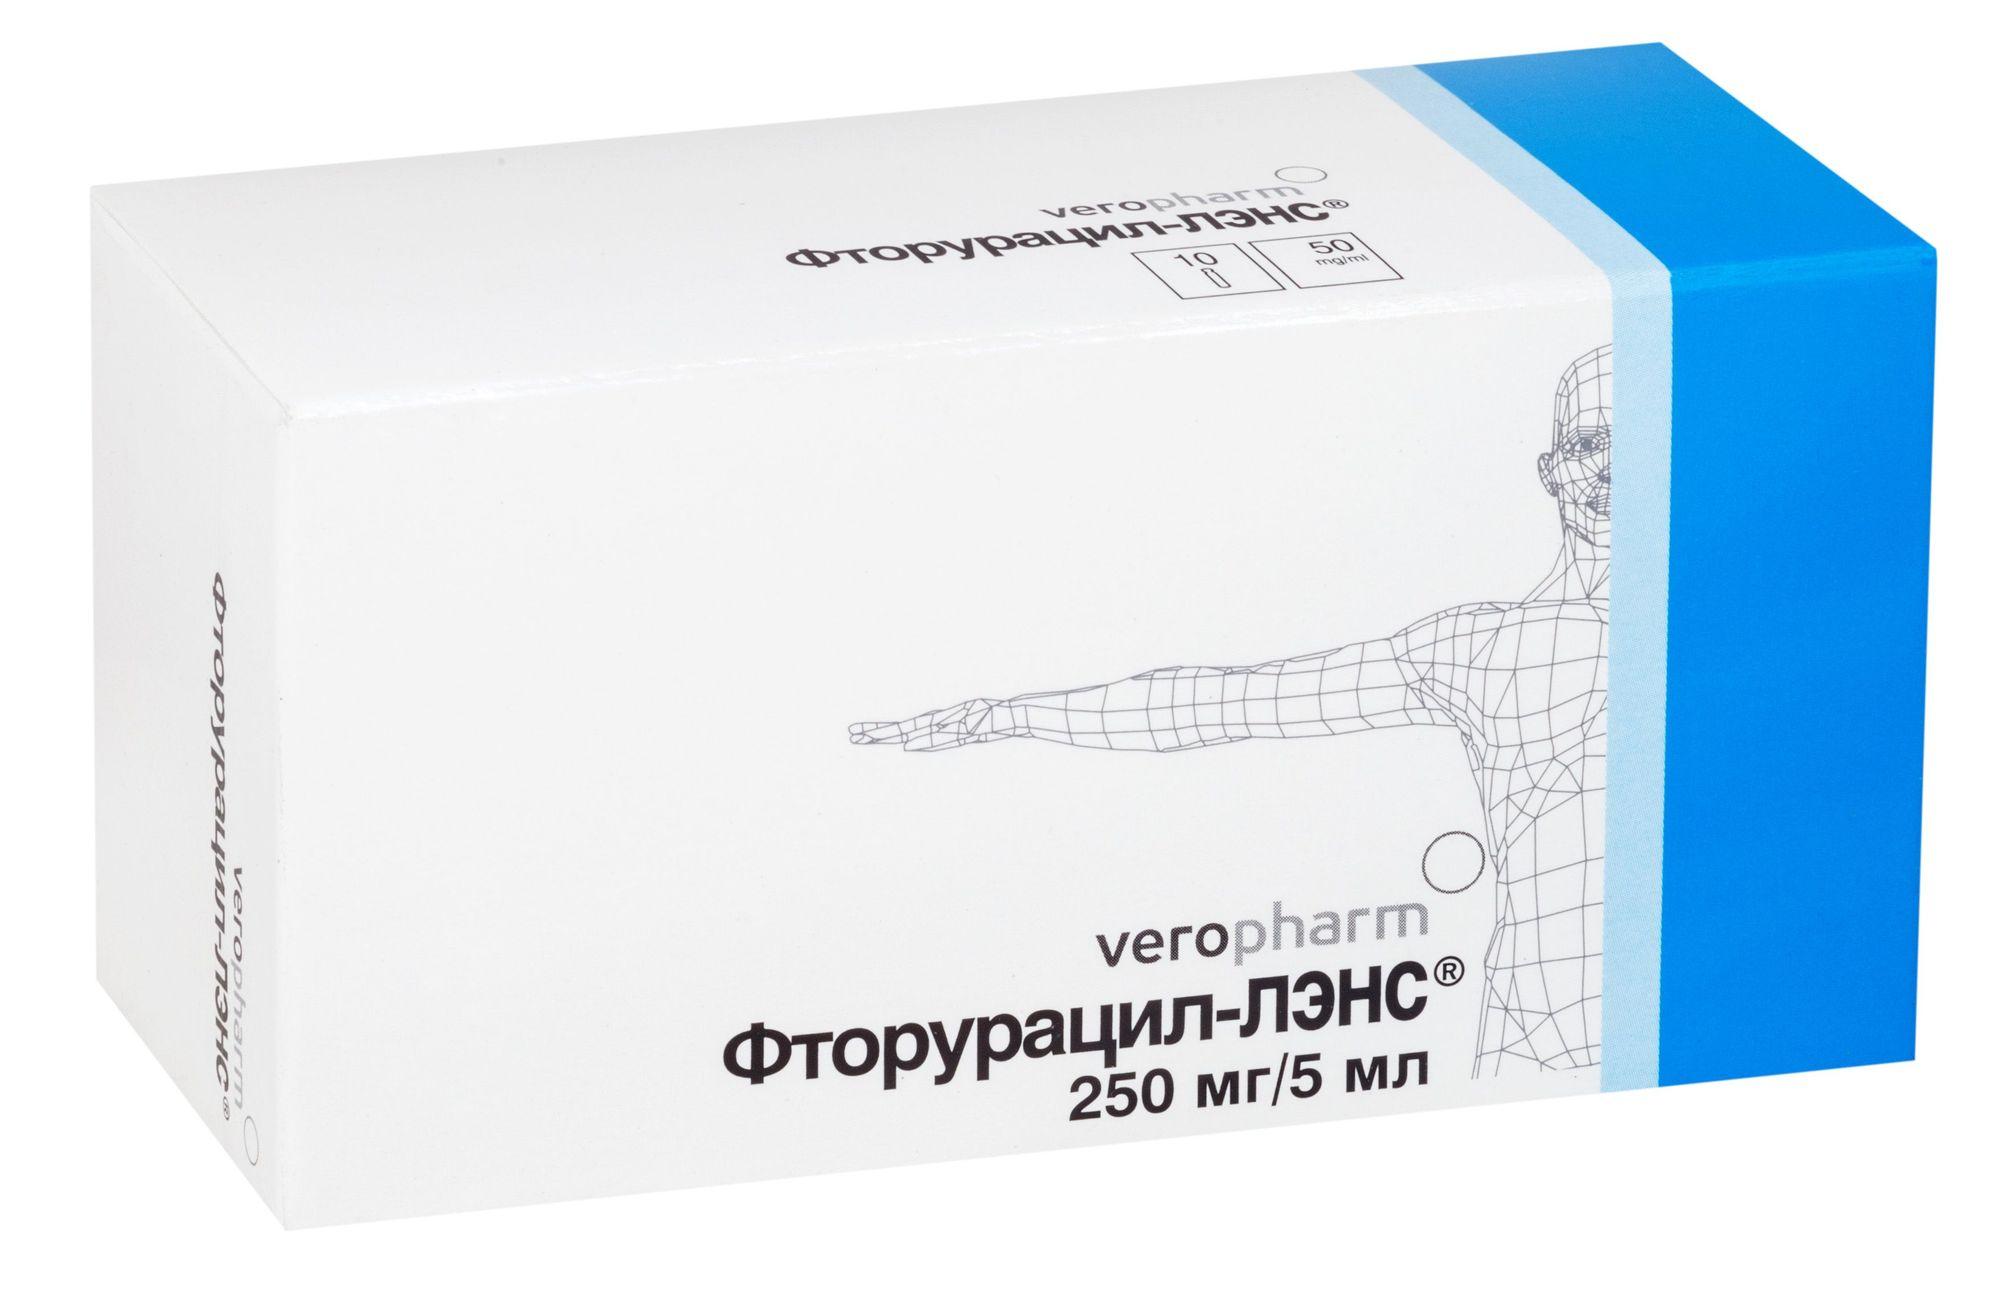 Фторурацил-ЛЭНС, 50 мг/мл, раствор для внутрисосудистого введения, 5 мл, 10 шт.